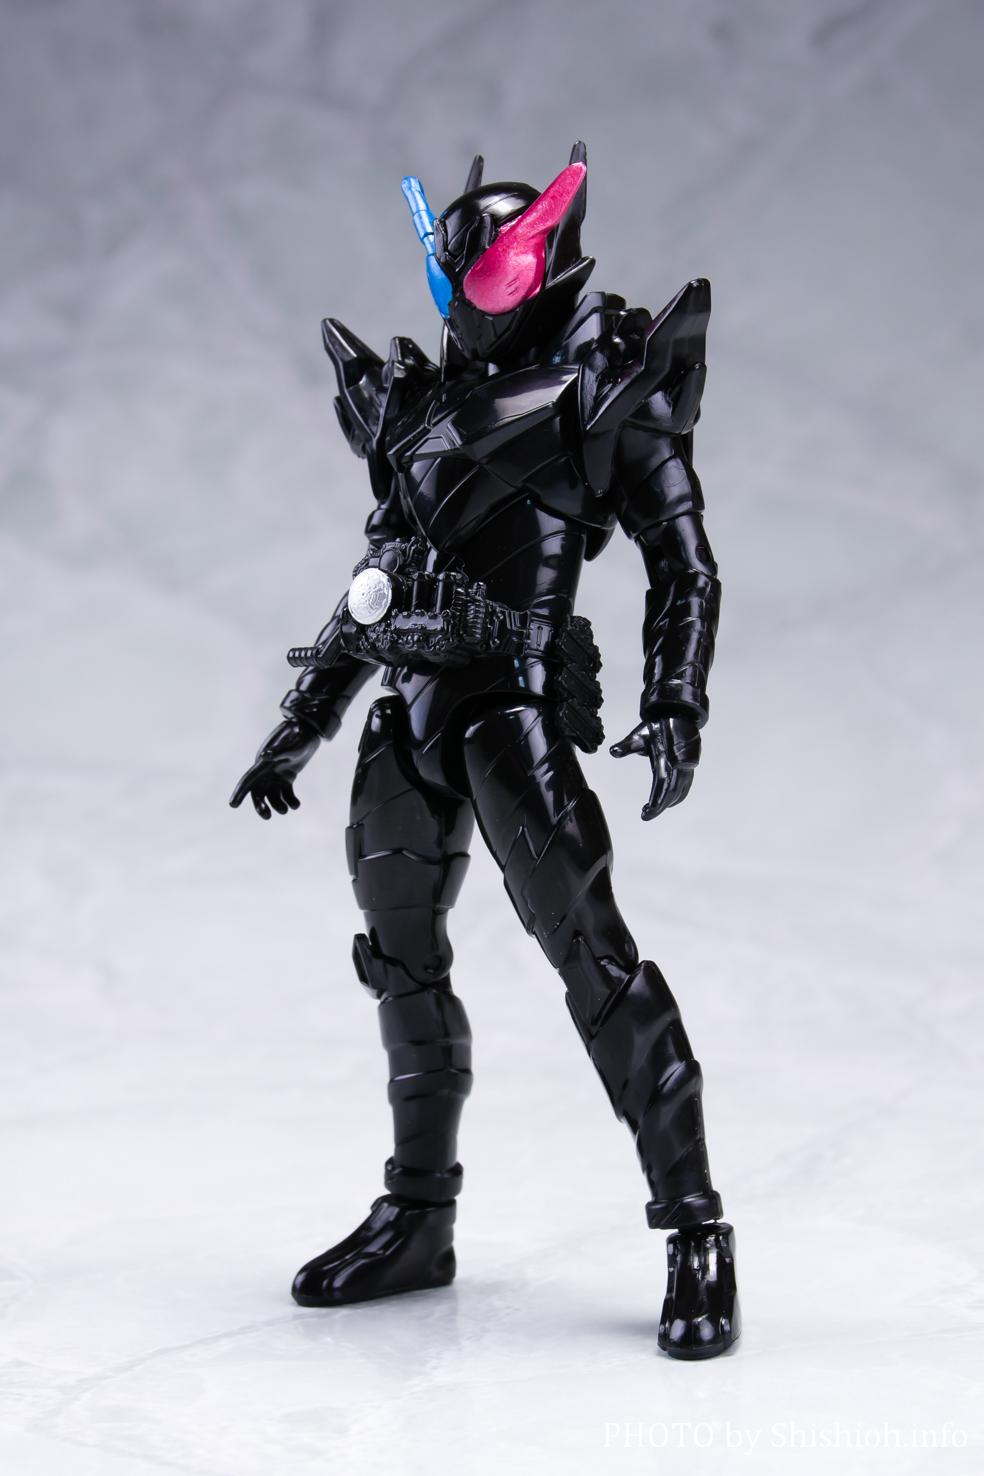 RKF 仮面ライダービルド ラビットタンクハザードフォーム